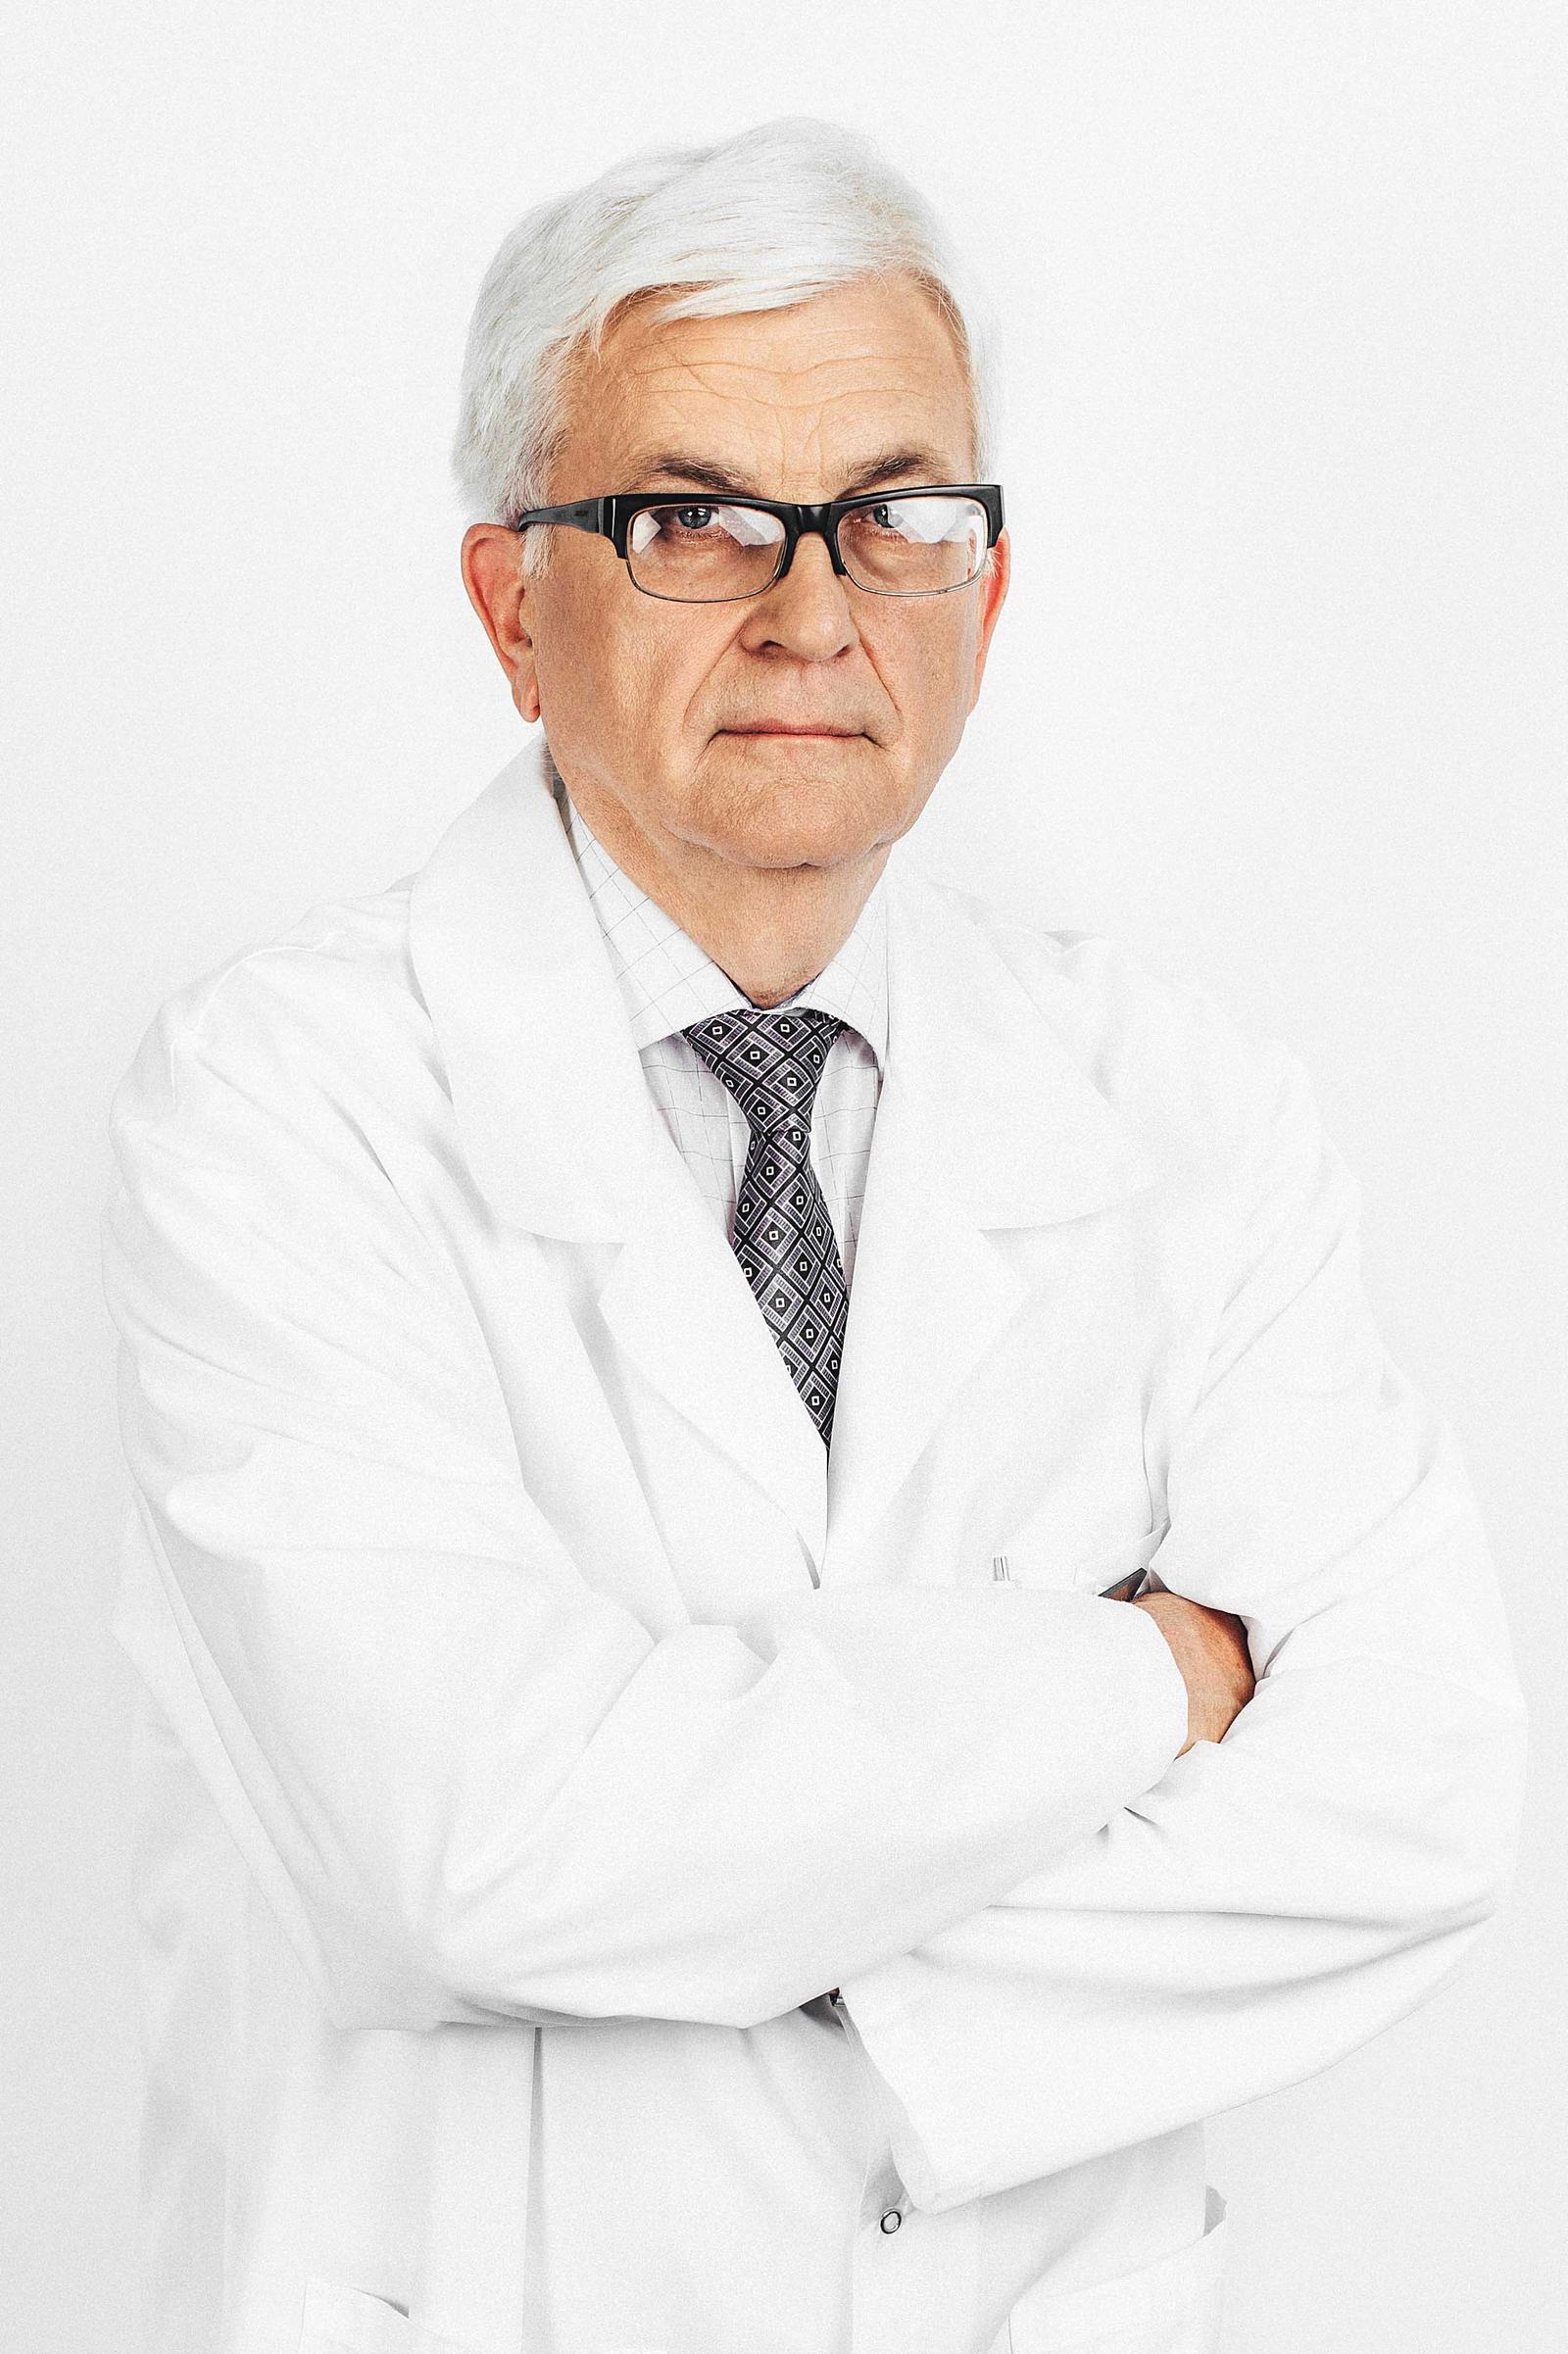 hipertenziją gydo neurologas)